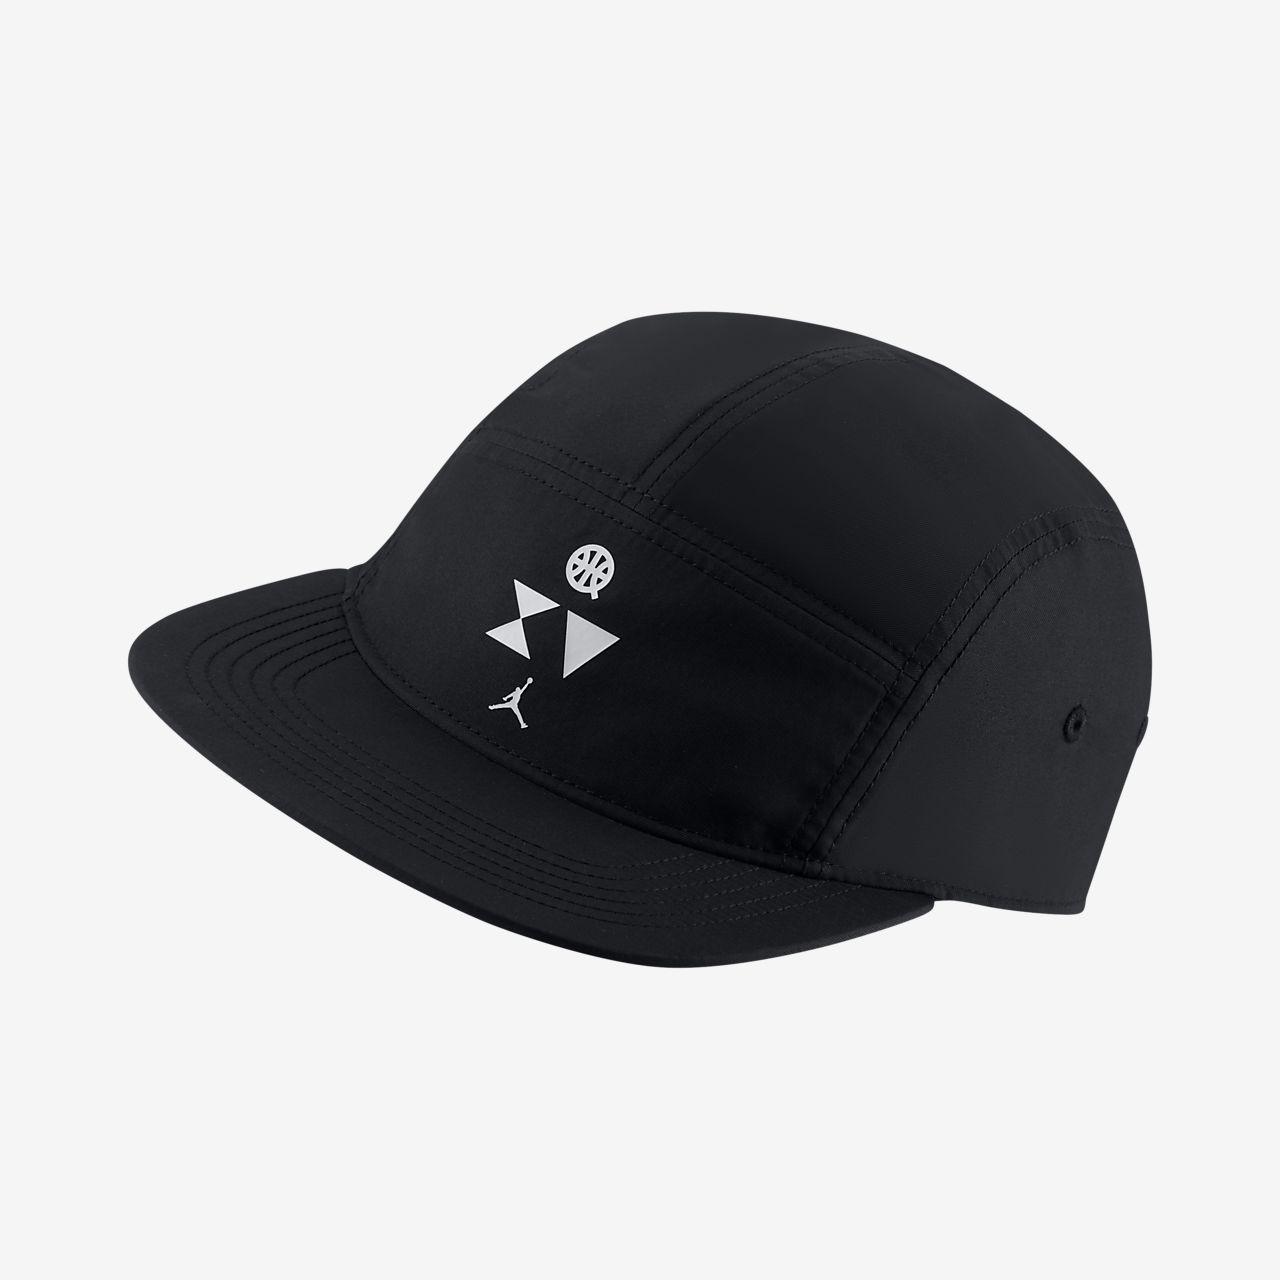 bdf20d3e694 Jordan AW84 Quai 54 Hat. Nike.com CH